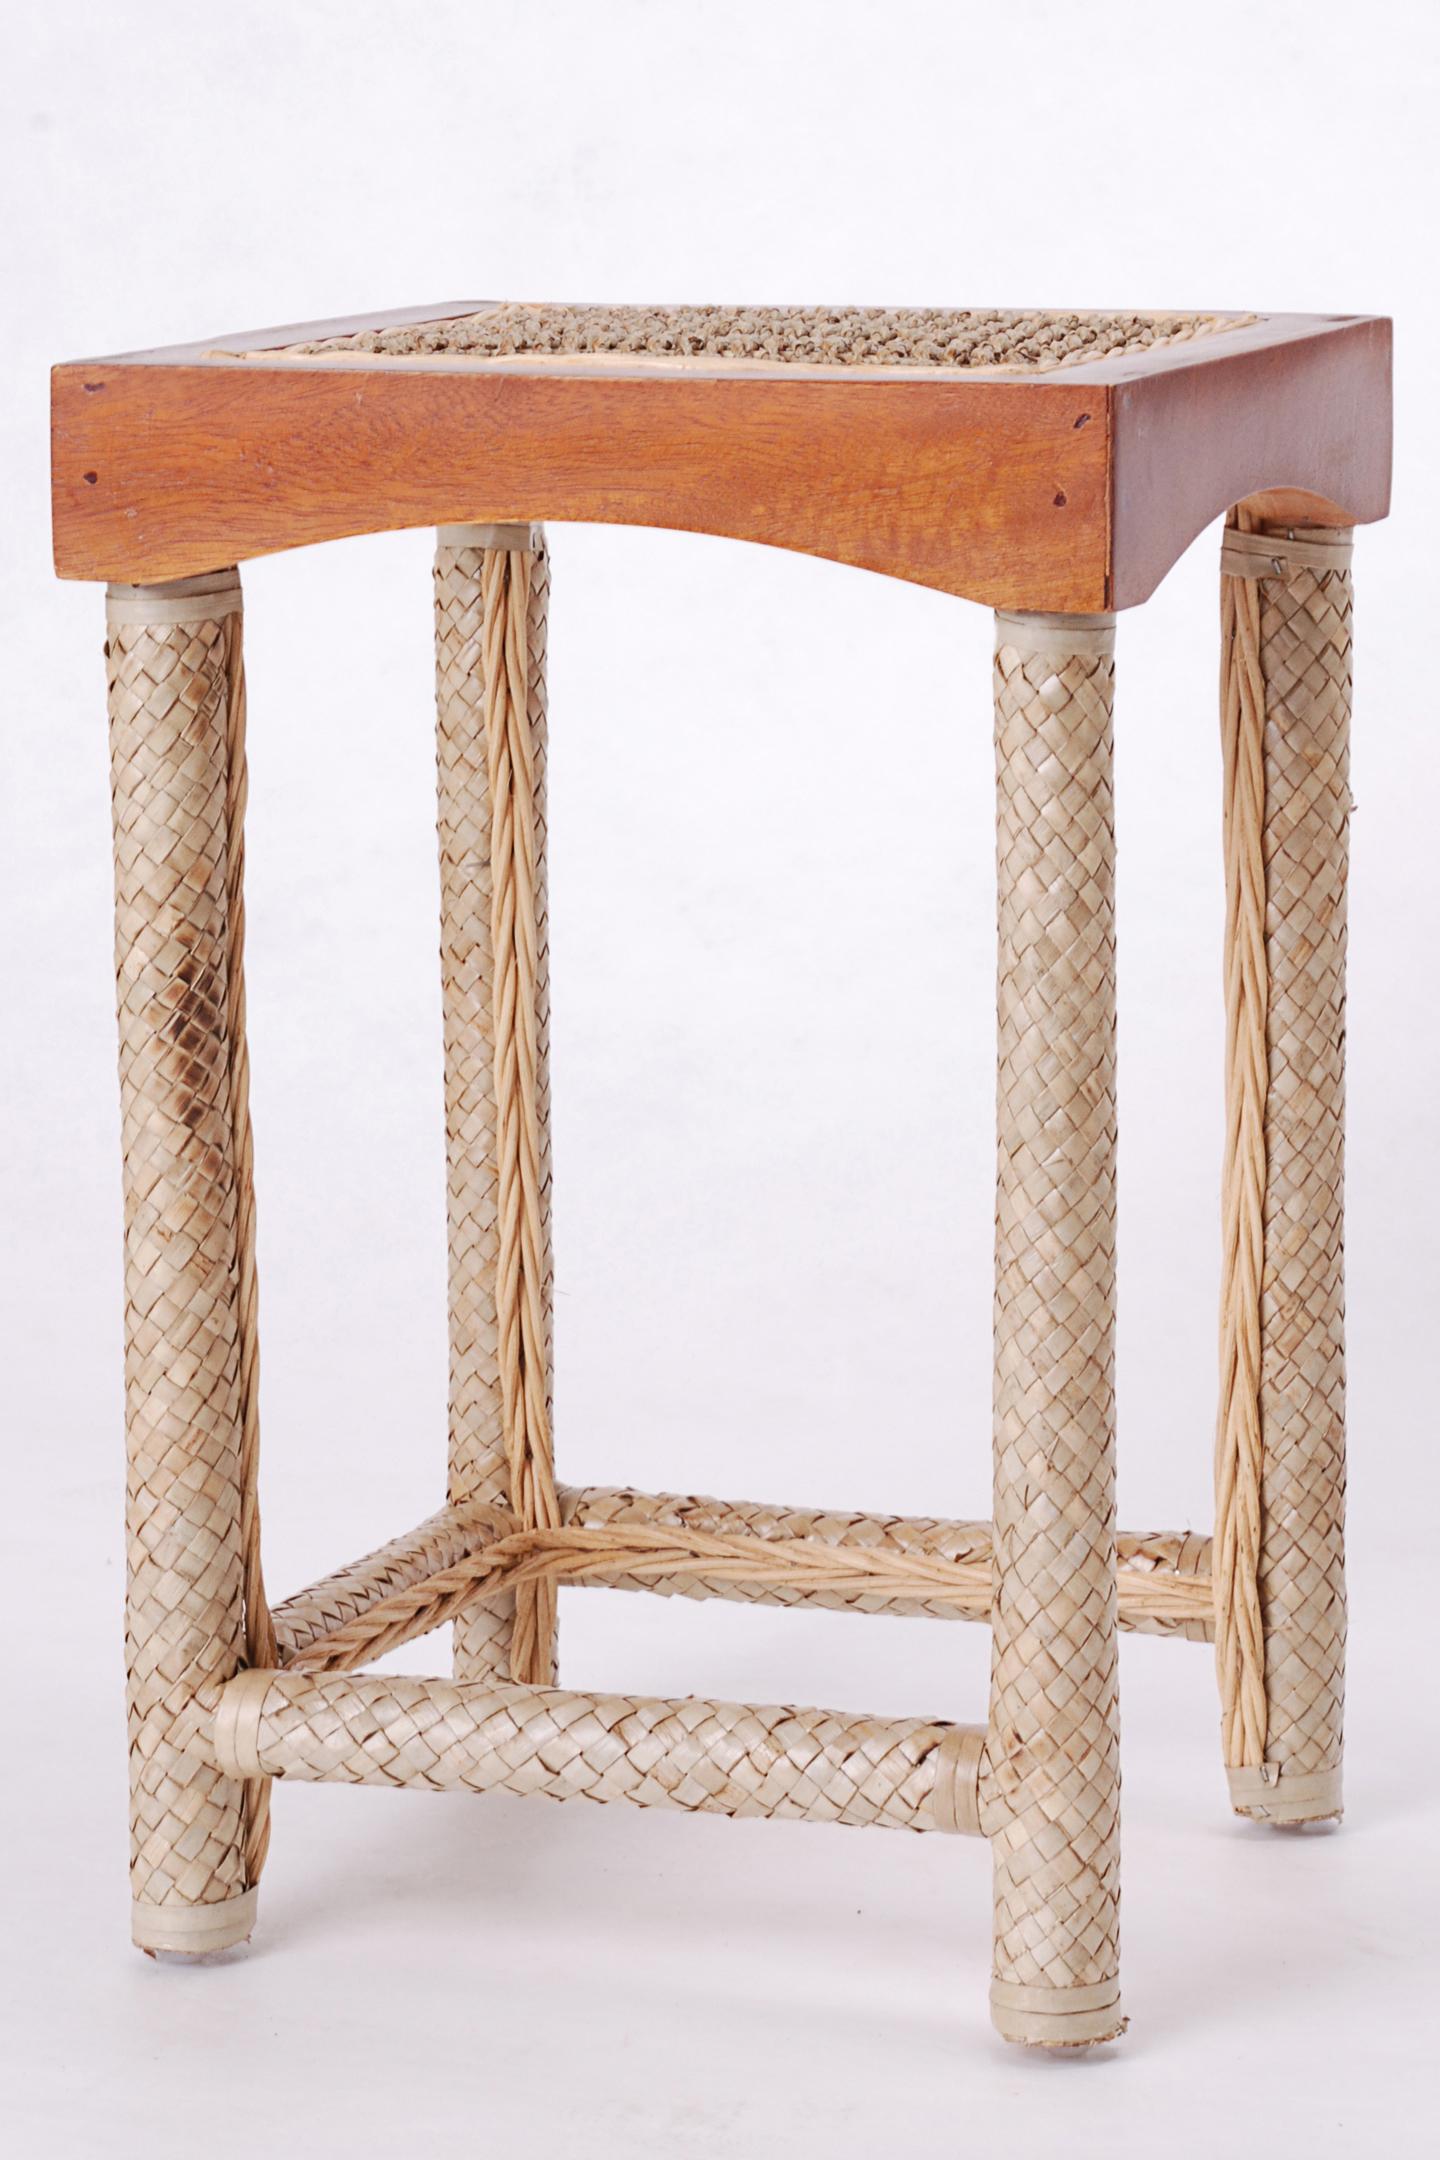 1x kleiner rattan beistelltisch tisch couchtisch. Black Bedroom Furniture Sets. Home Design Ideas